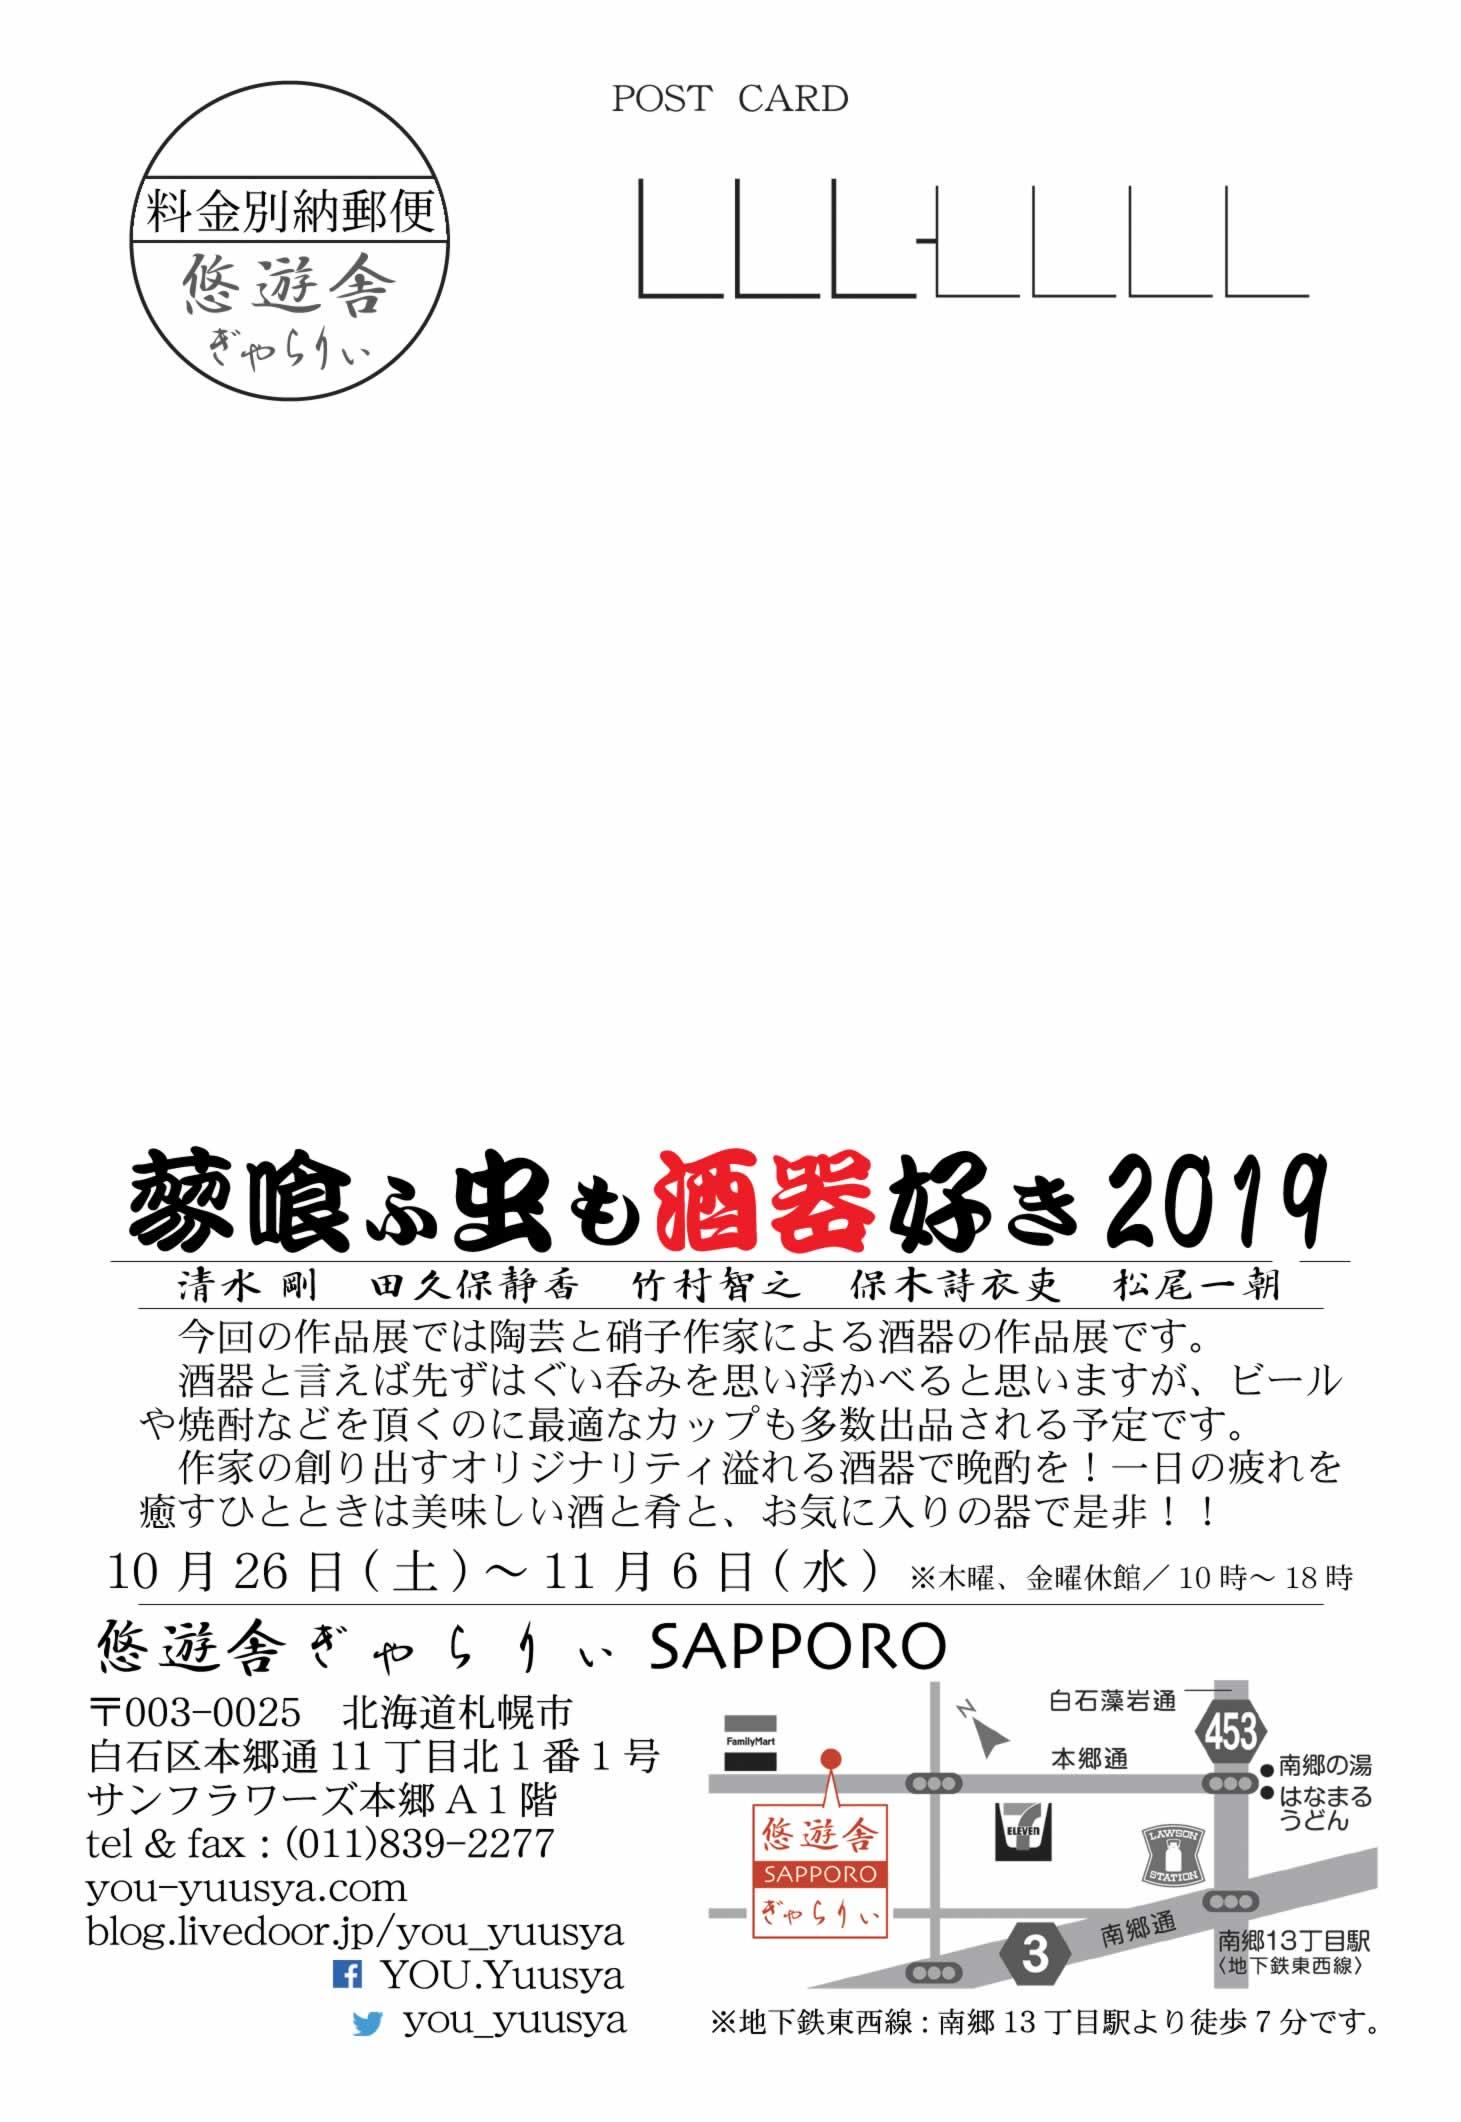 蓼喰ふ虫も酒器好き 2019 | 悠遊舎ぎゃらりぃ SAPPORO - 札幌市白石区 ...